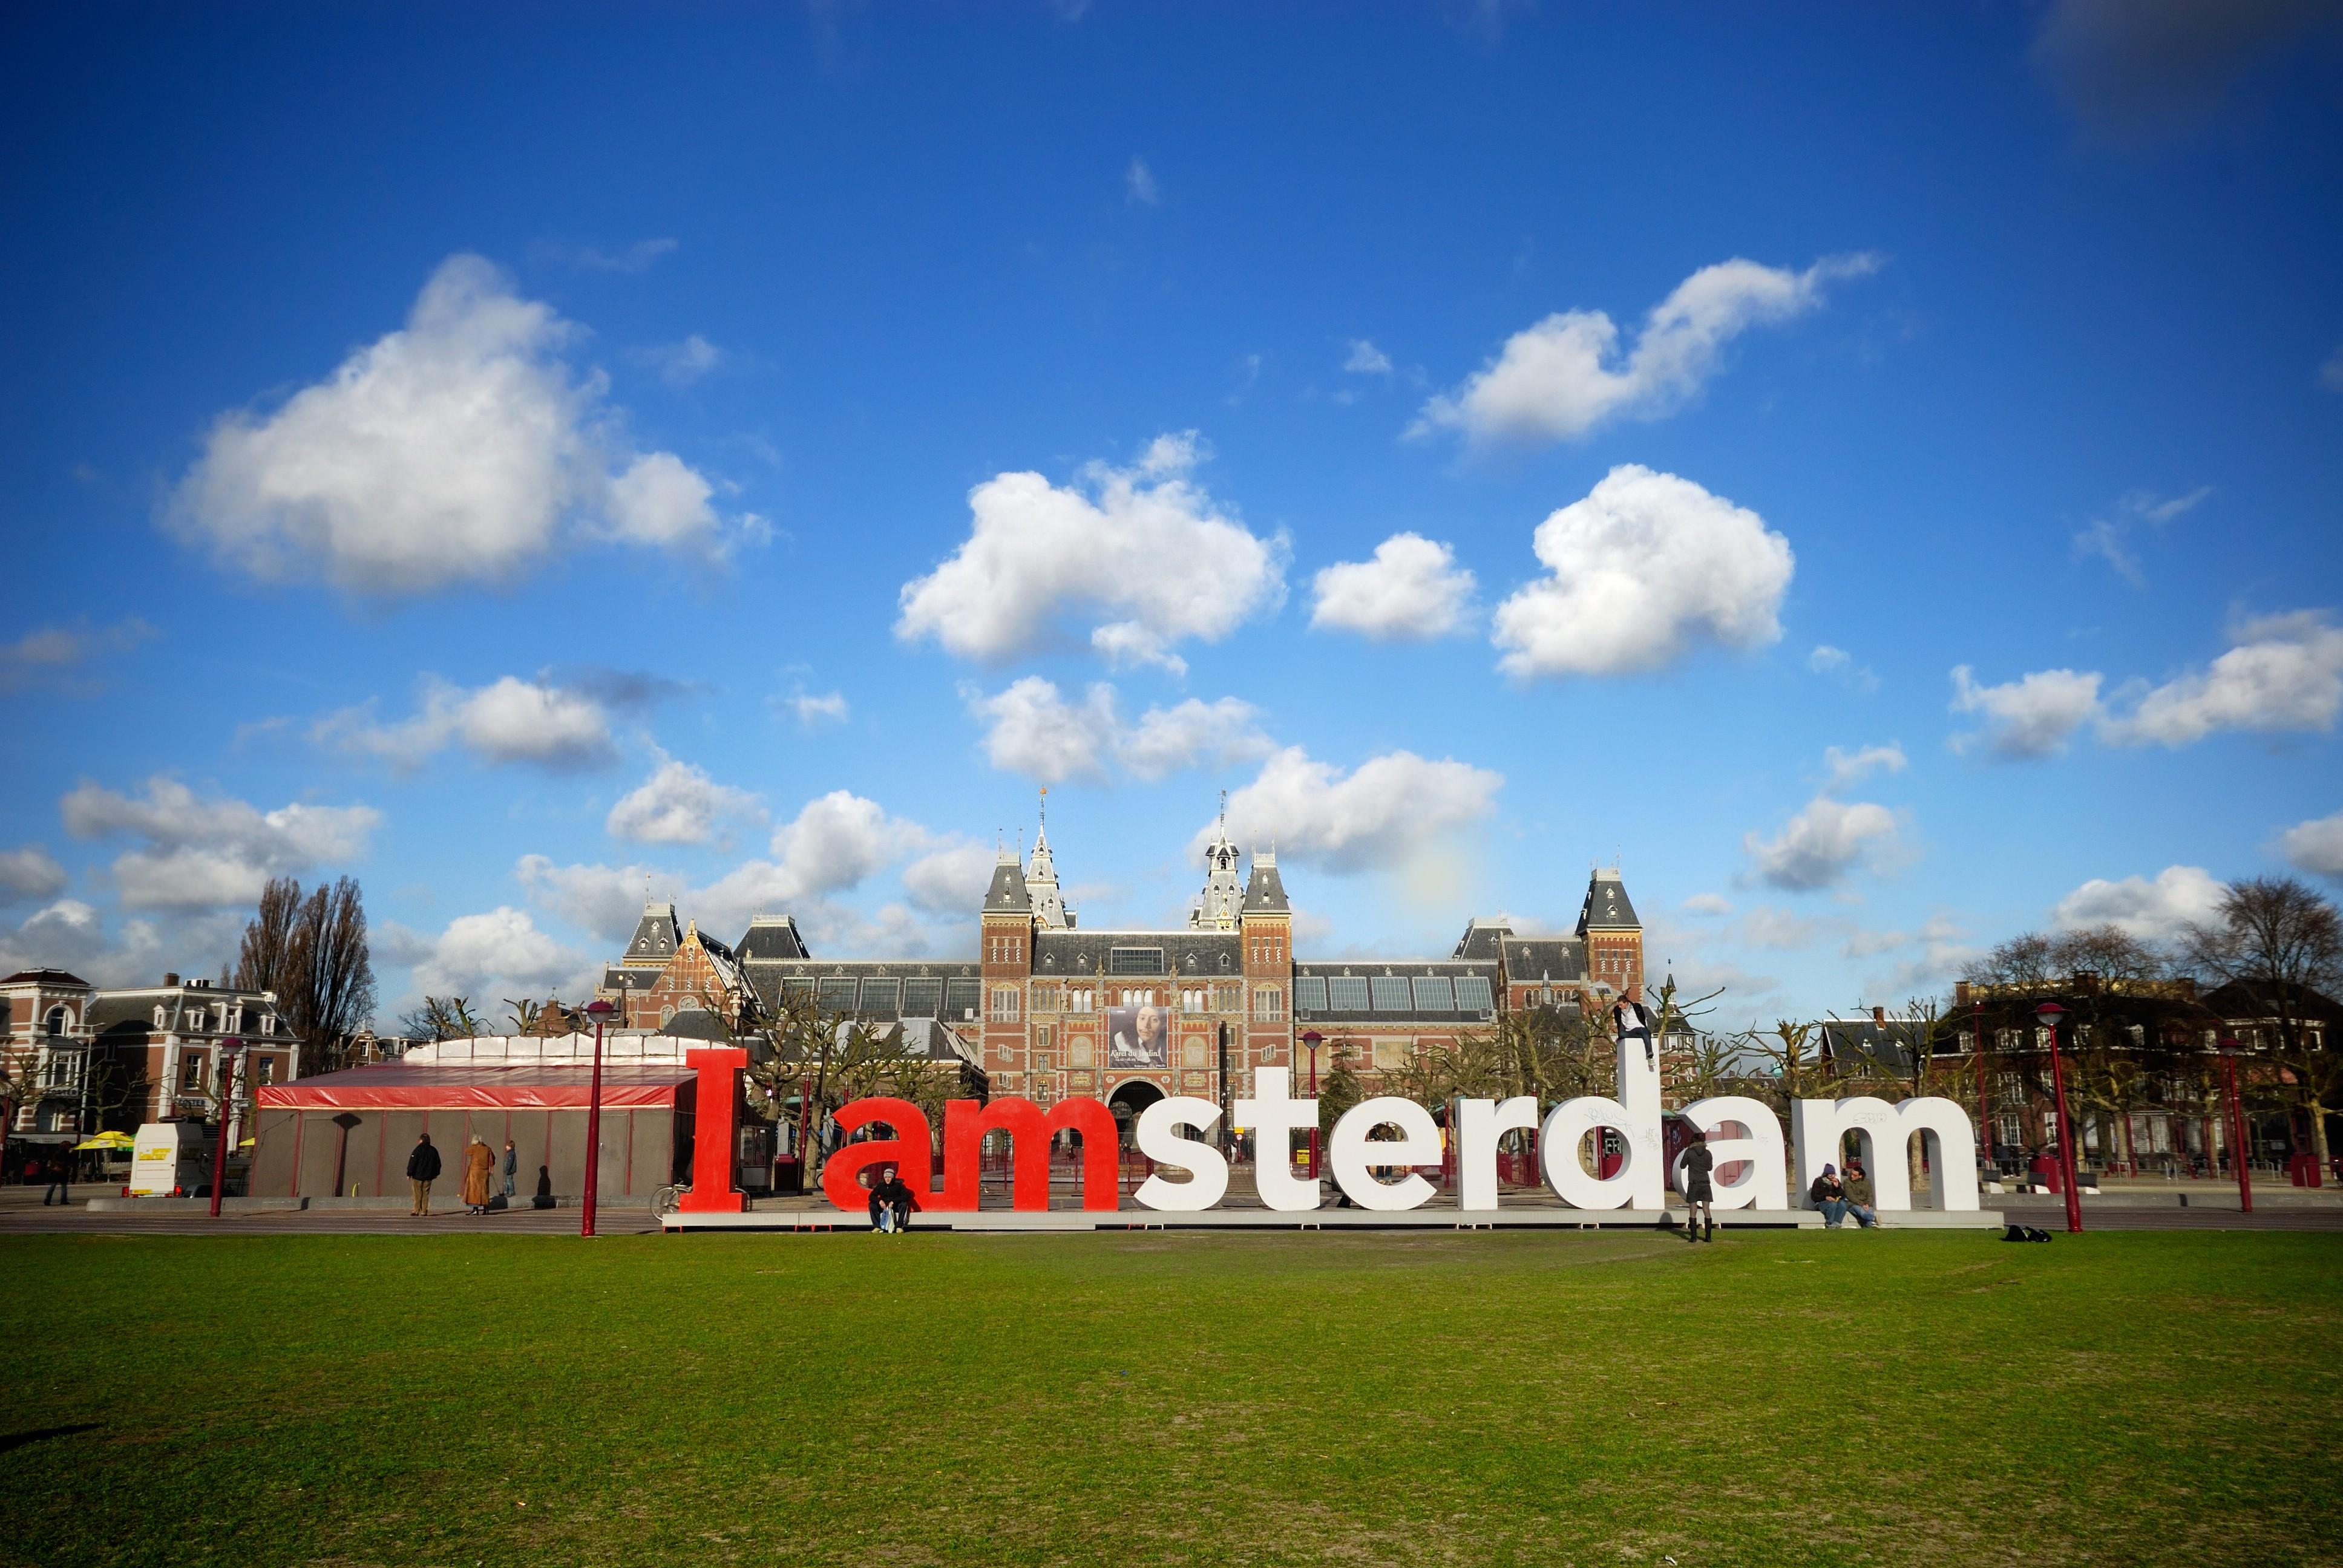 Museumplein - Müzeler - Amsterdam Yazısı - Iamsterdam sign